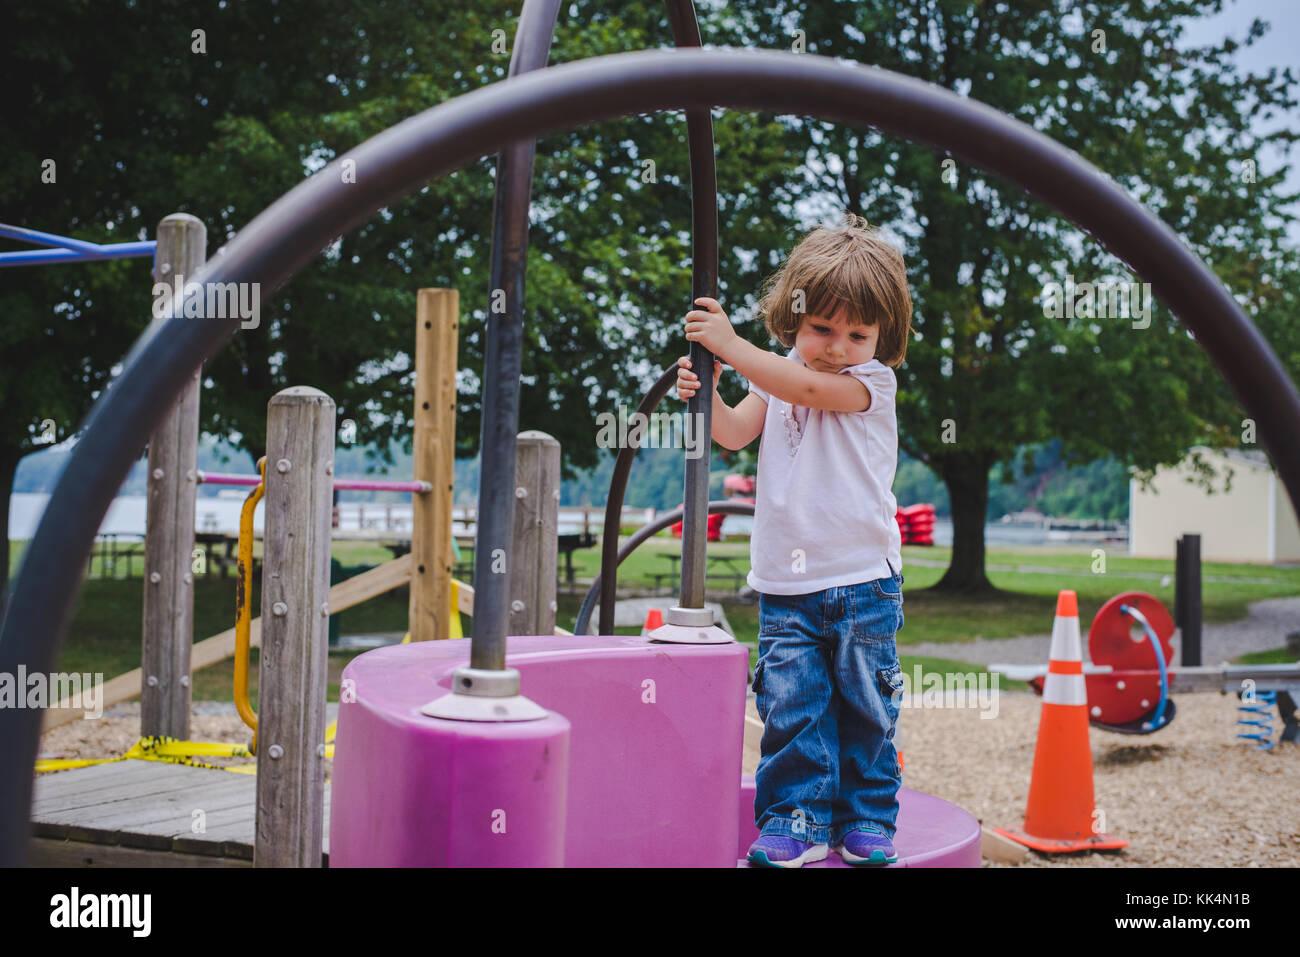 Une petite fille monte à l'équipement de jeu sur journée d'été Photo Stock